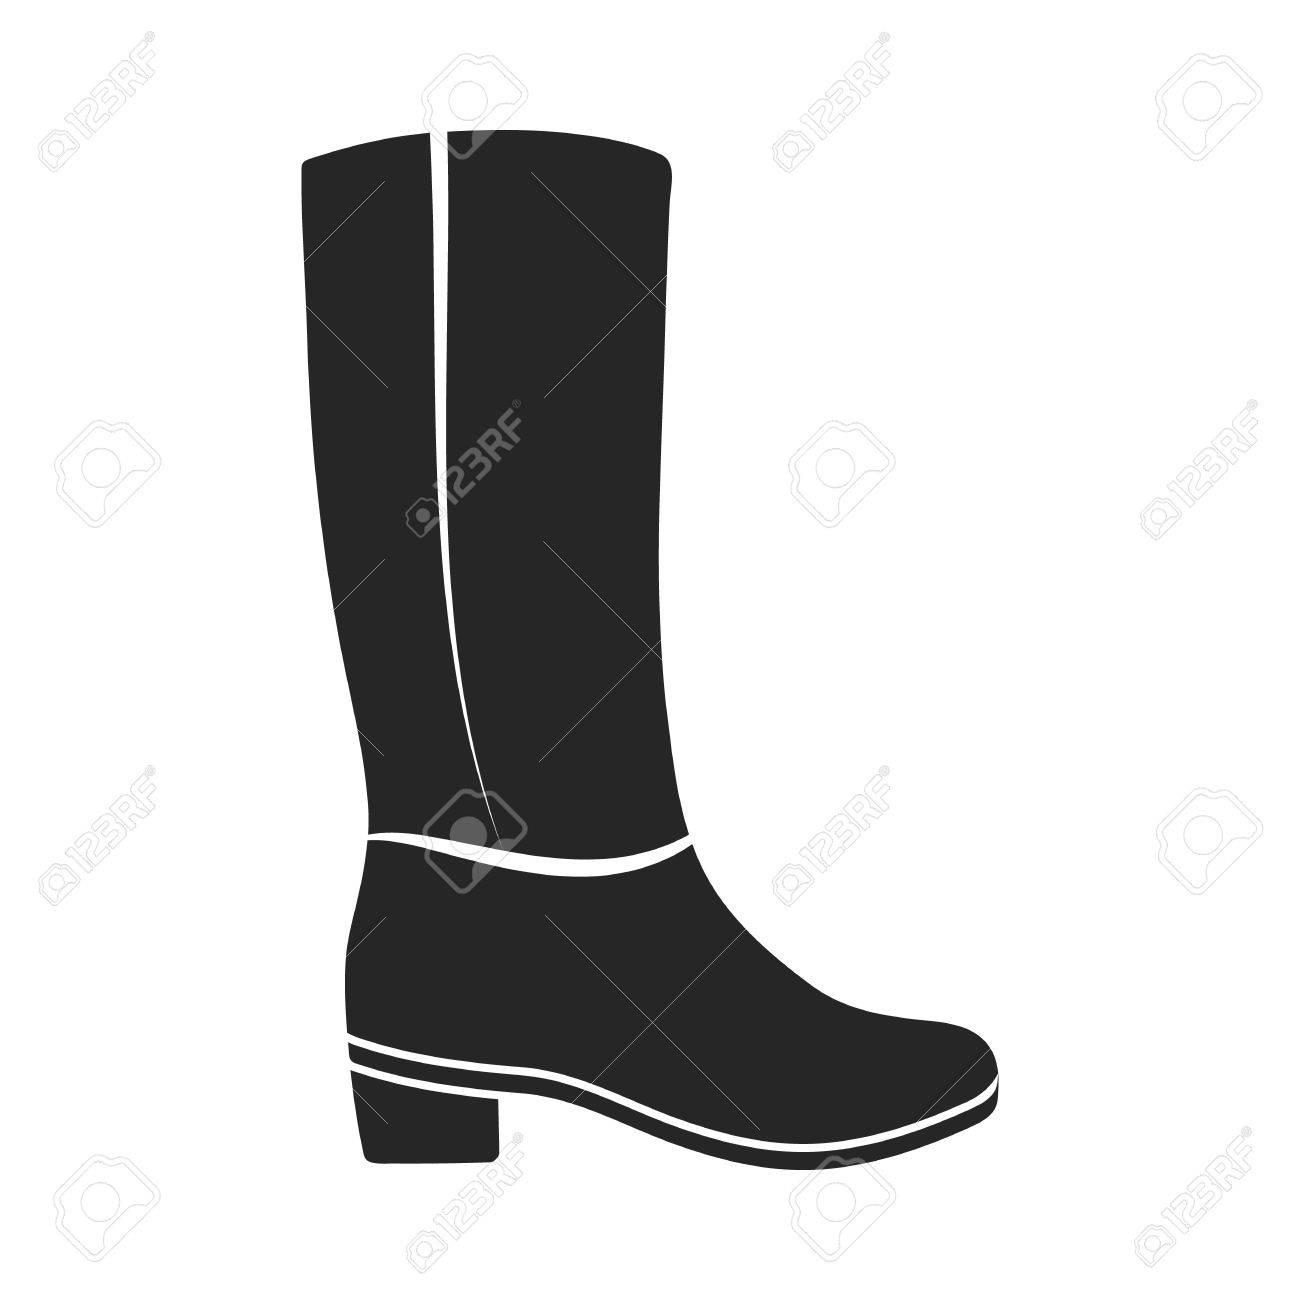 Rodilla botas altas icono de estilo negro sobre fondo blanco. Zapatos ilustración vectorial símbolo.